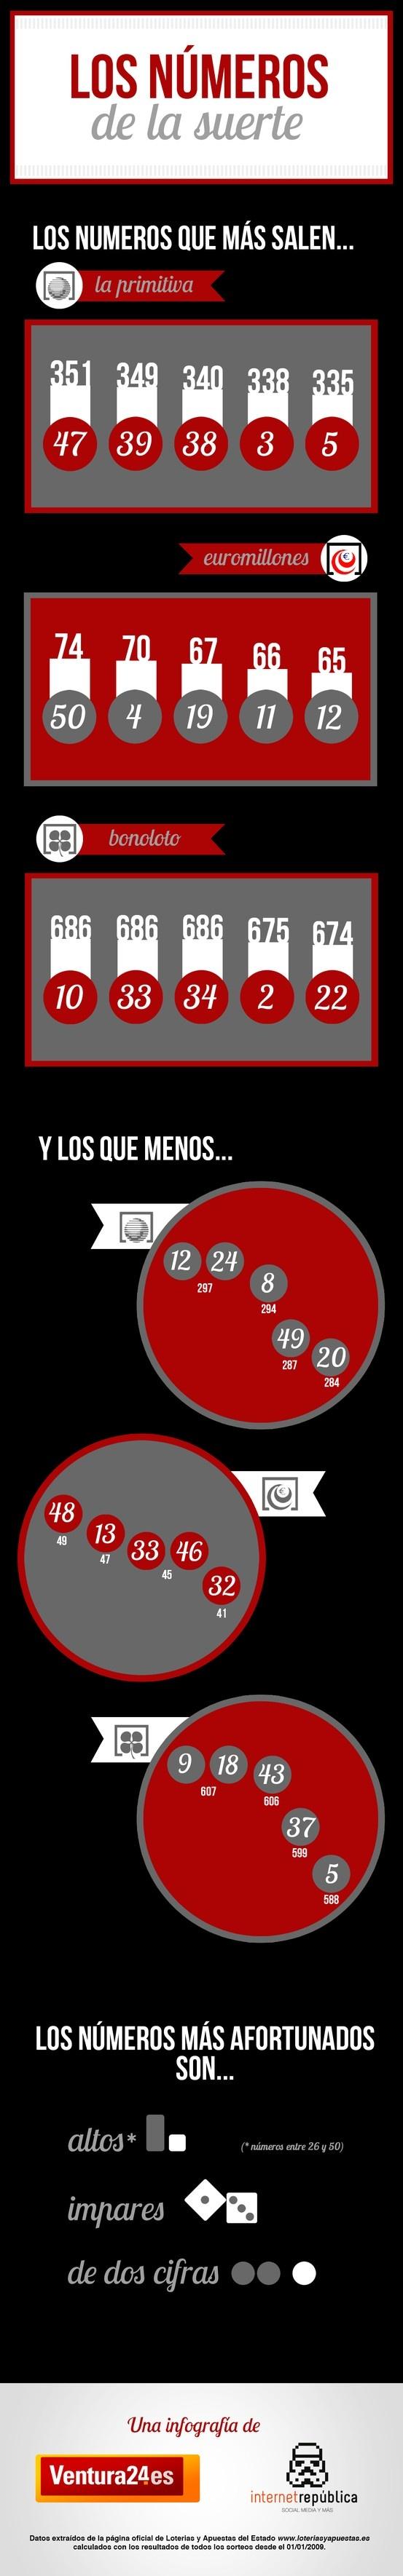 Infografía: Los números de la suerte. Los números que más han salido desde el 2009 en Euromillones, BonoLoto y La Primitiva.